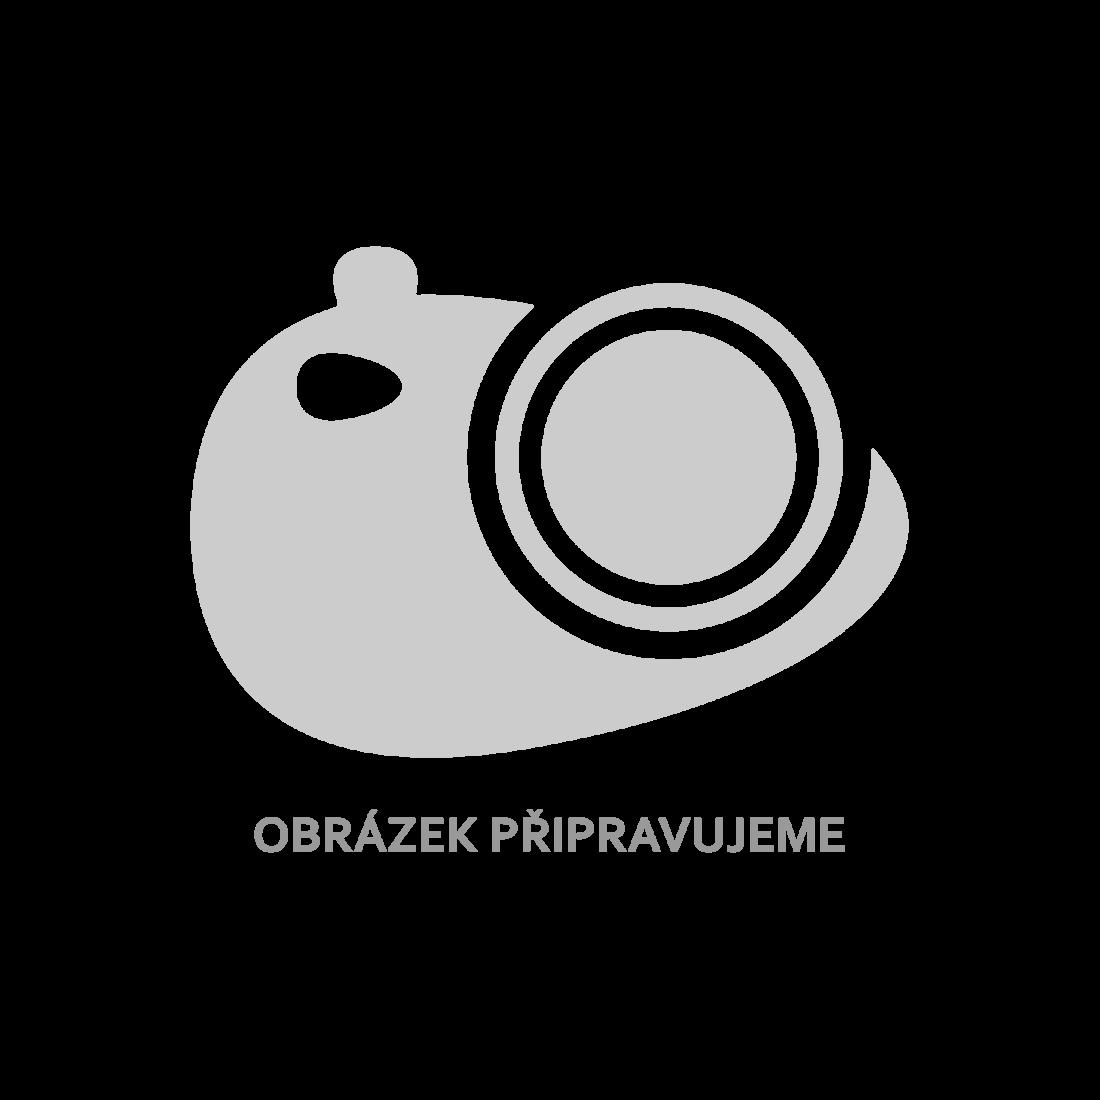 Jídelní set: hnědé židle štíhlé 6 ks a 1 skleněný stůl